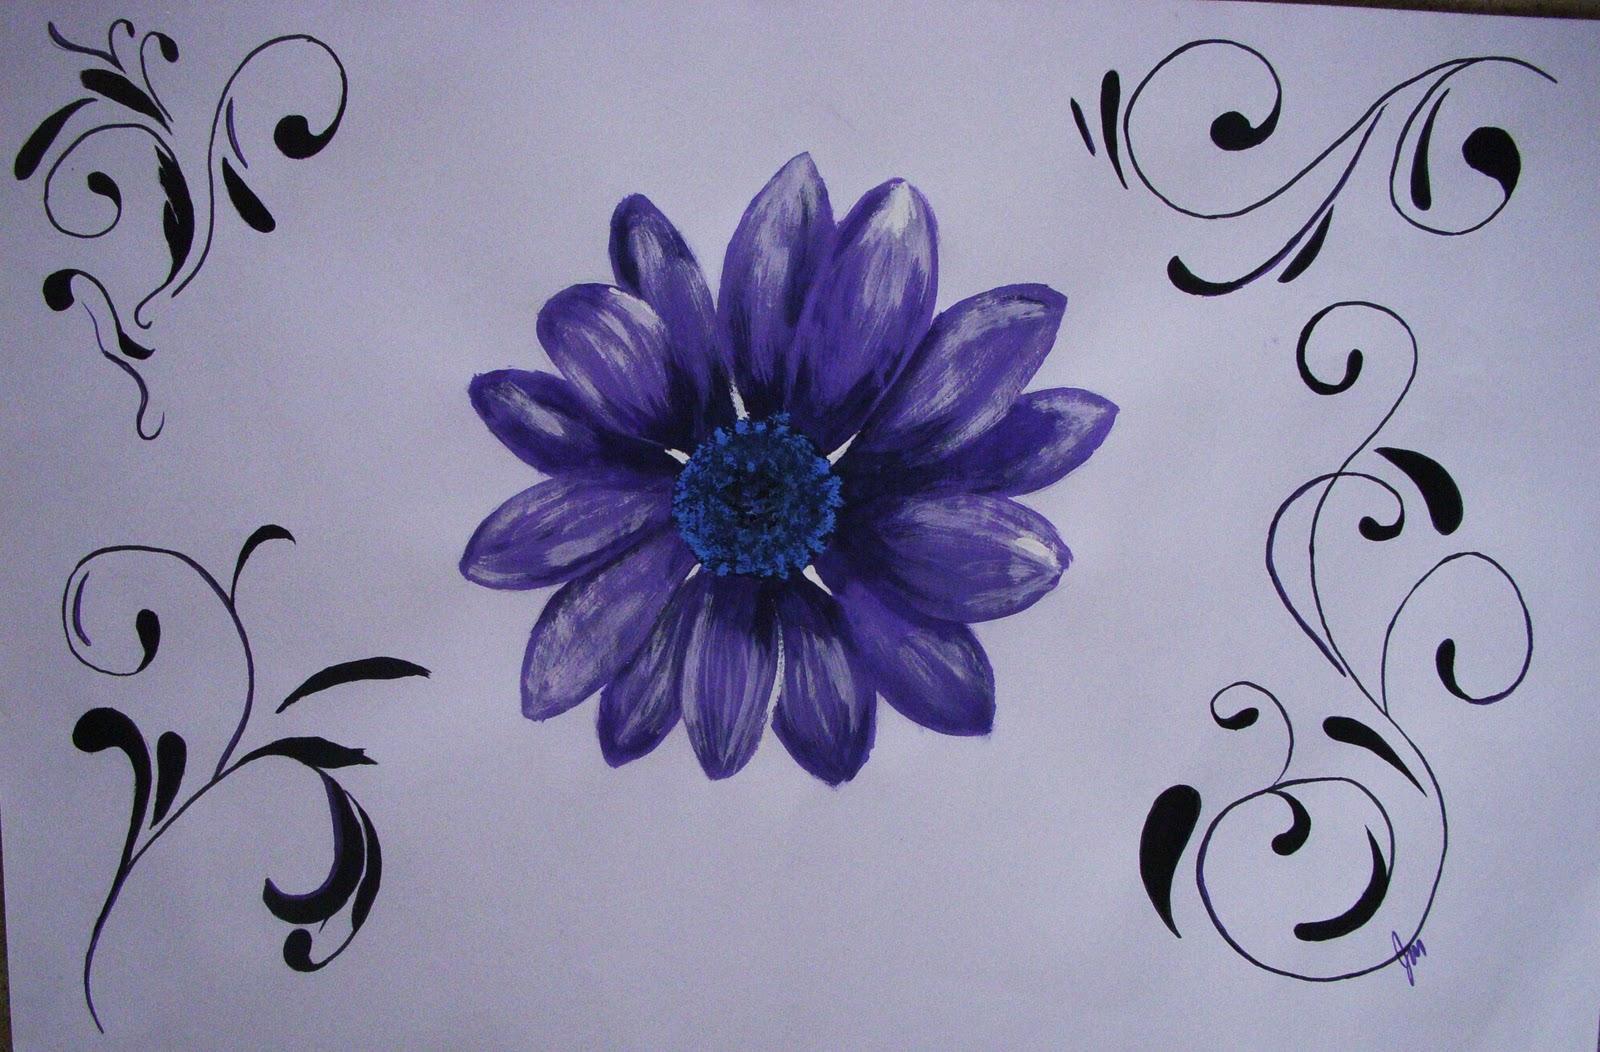 http://2.bp.blogspot.com/-QntDVcSdZHU/TWLANo6pYiI/AAAAAAAABs4/WIUKaAcwR9A/s1600/DSCN6340.JPG